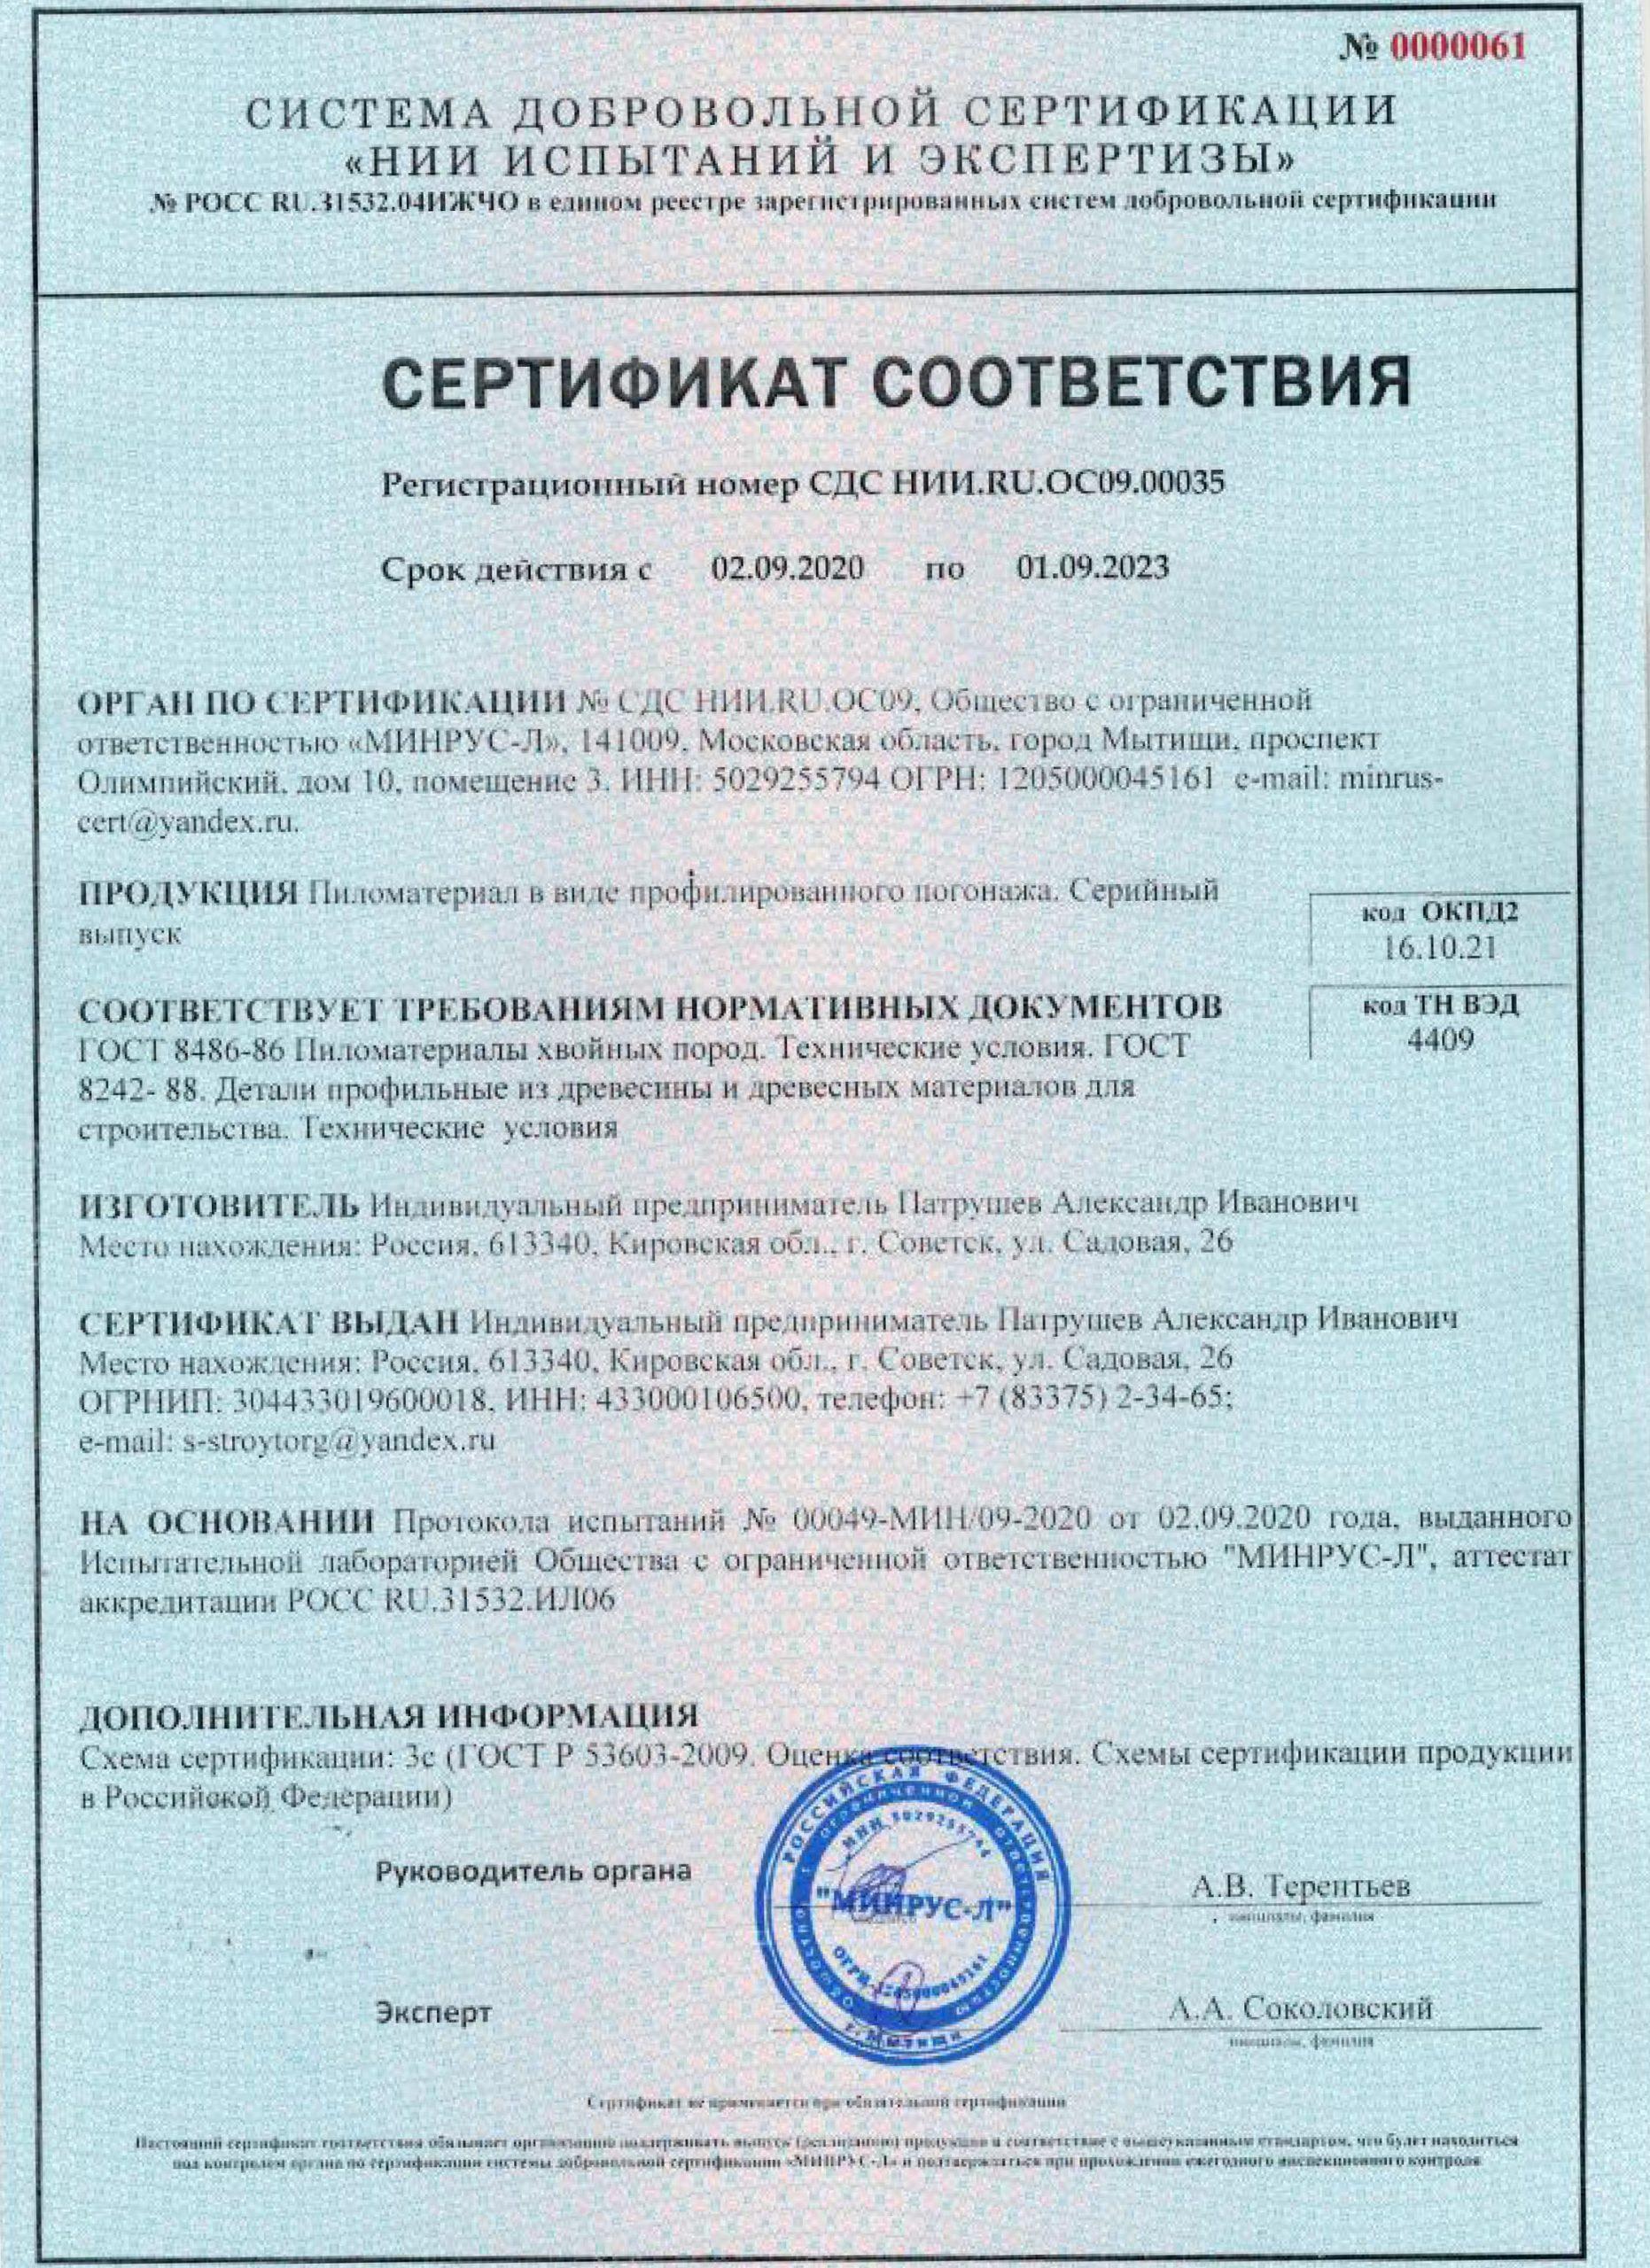 Сертификат соответствия на пиломатериал в виде профилированного погонажа